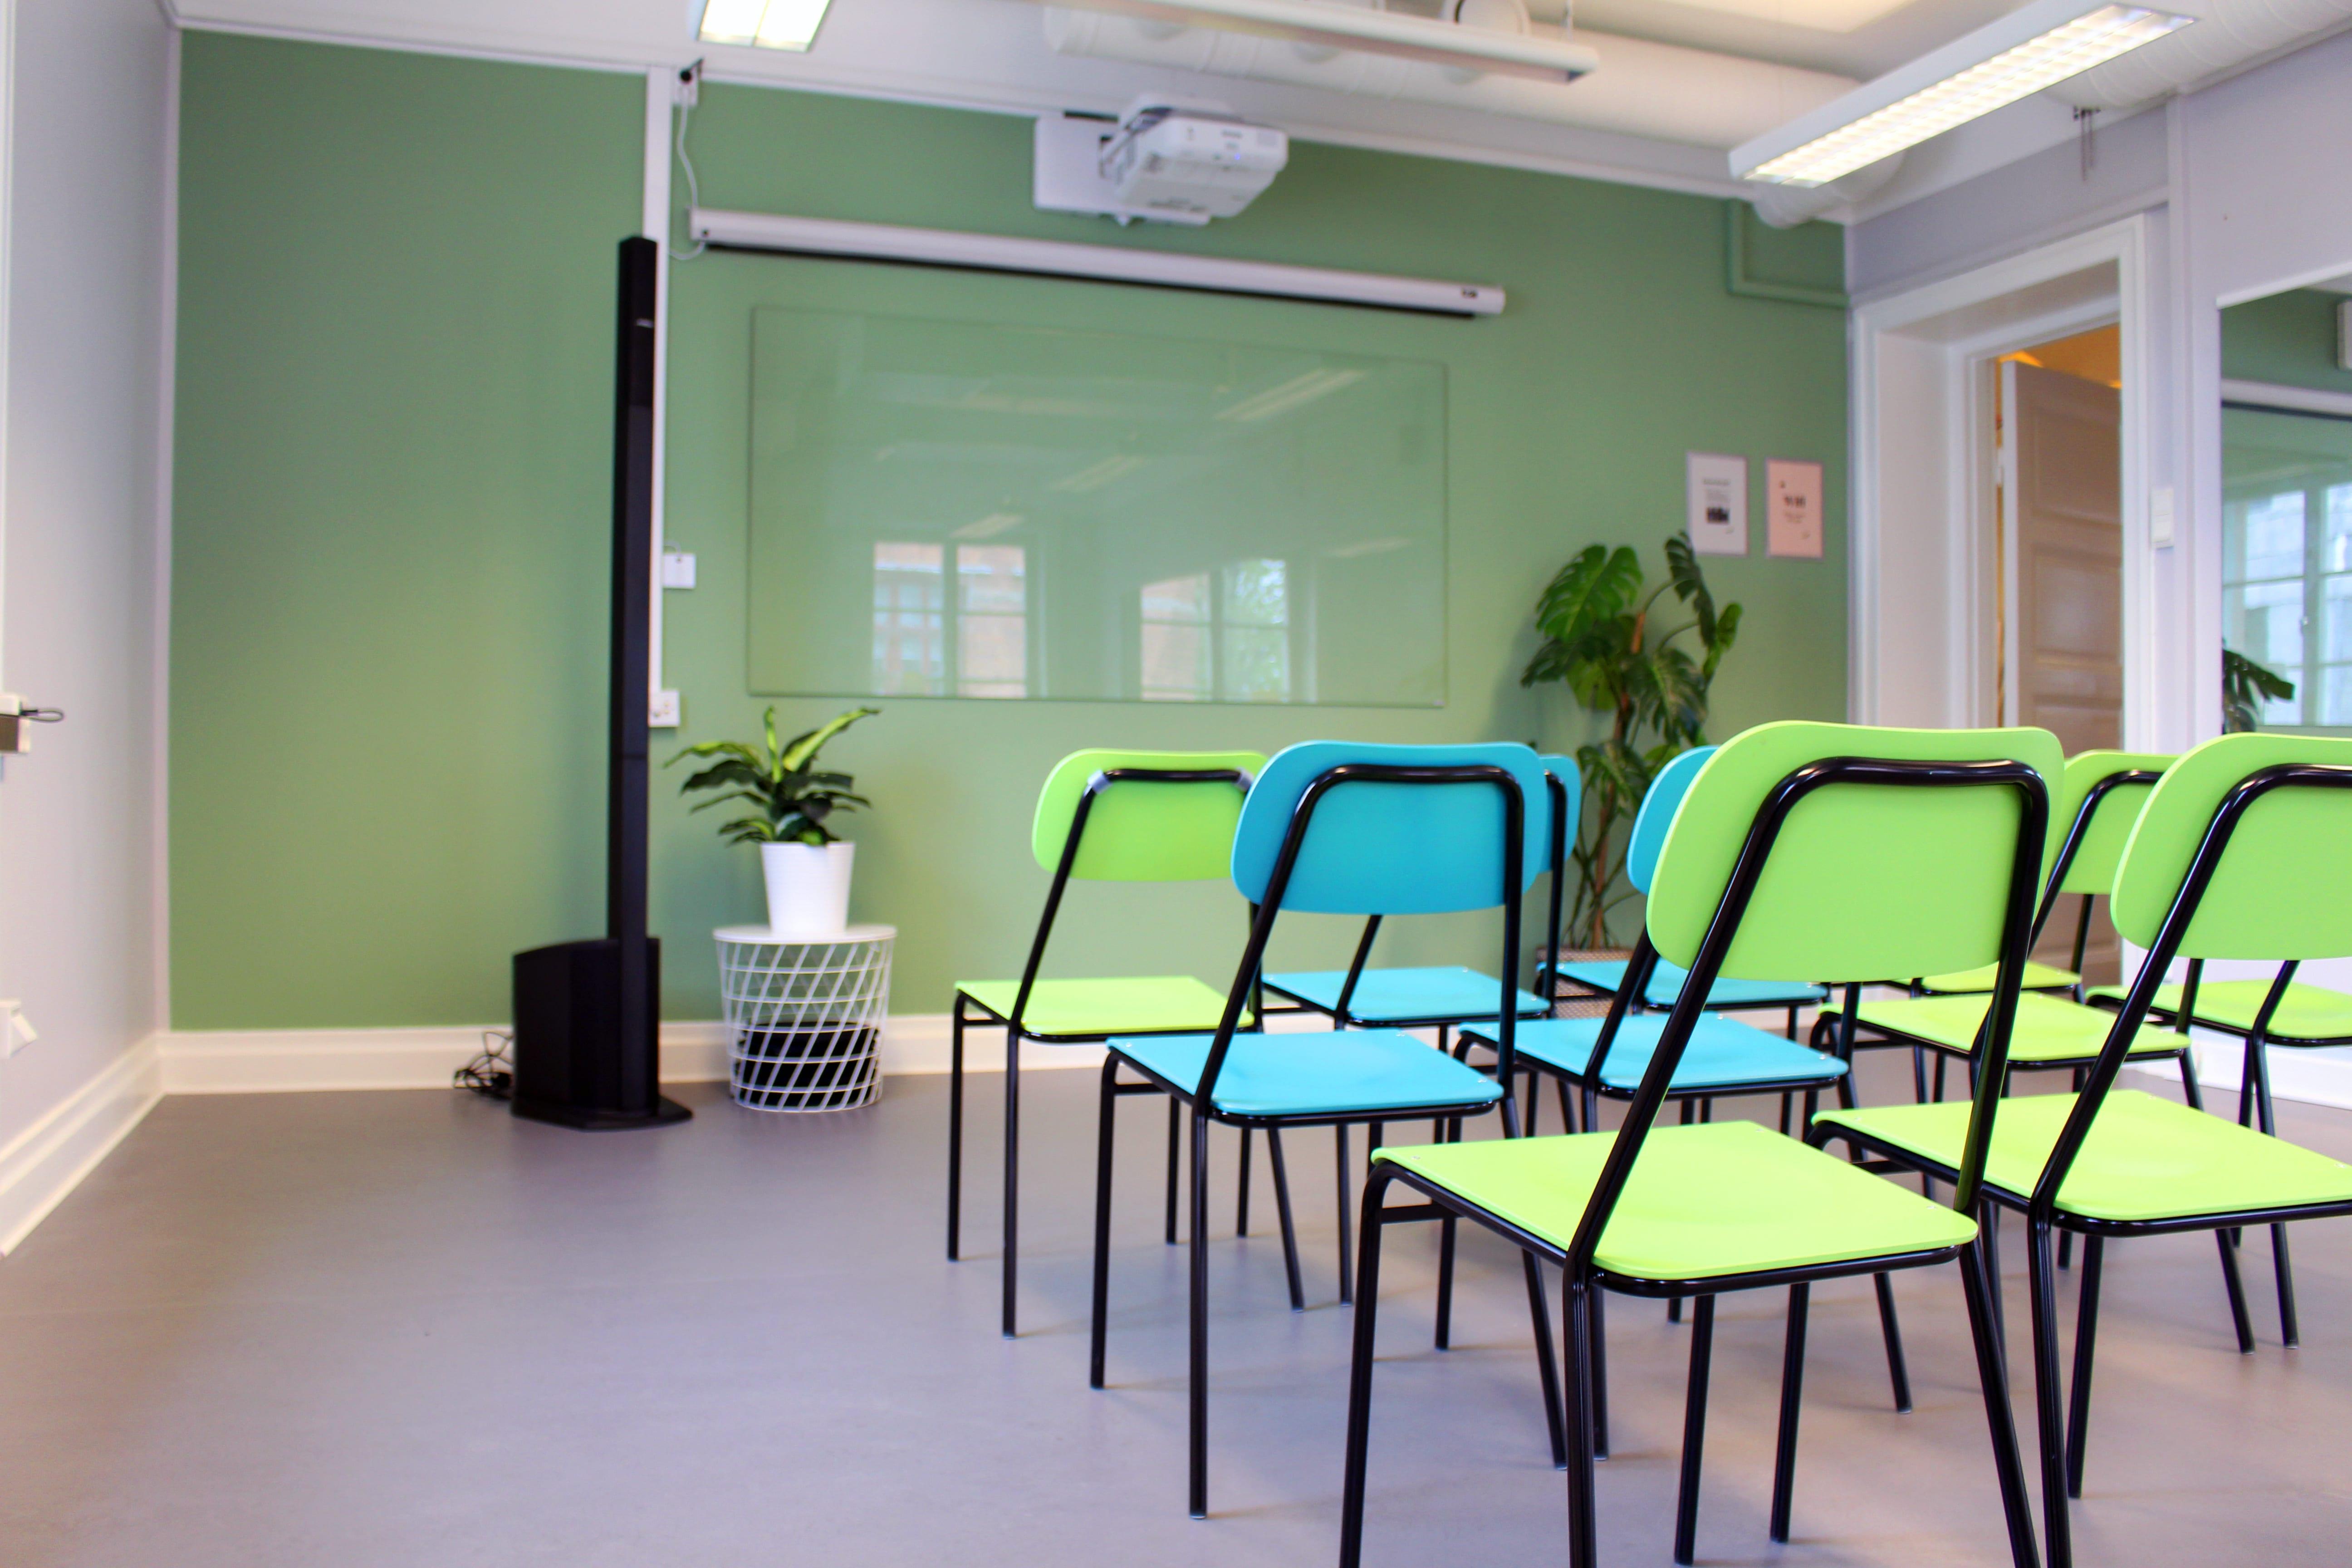 Bord och stolar i konferensrum